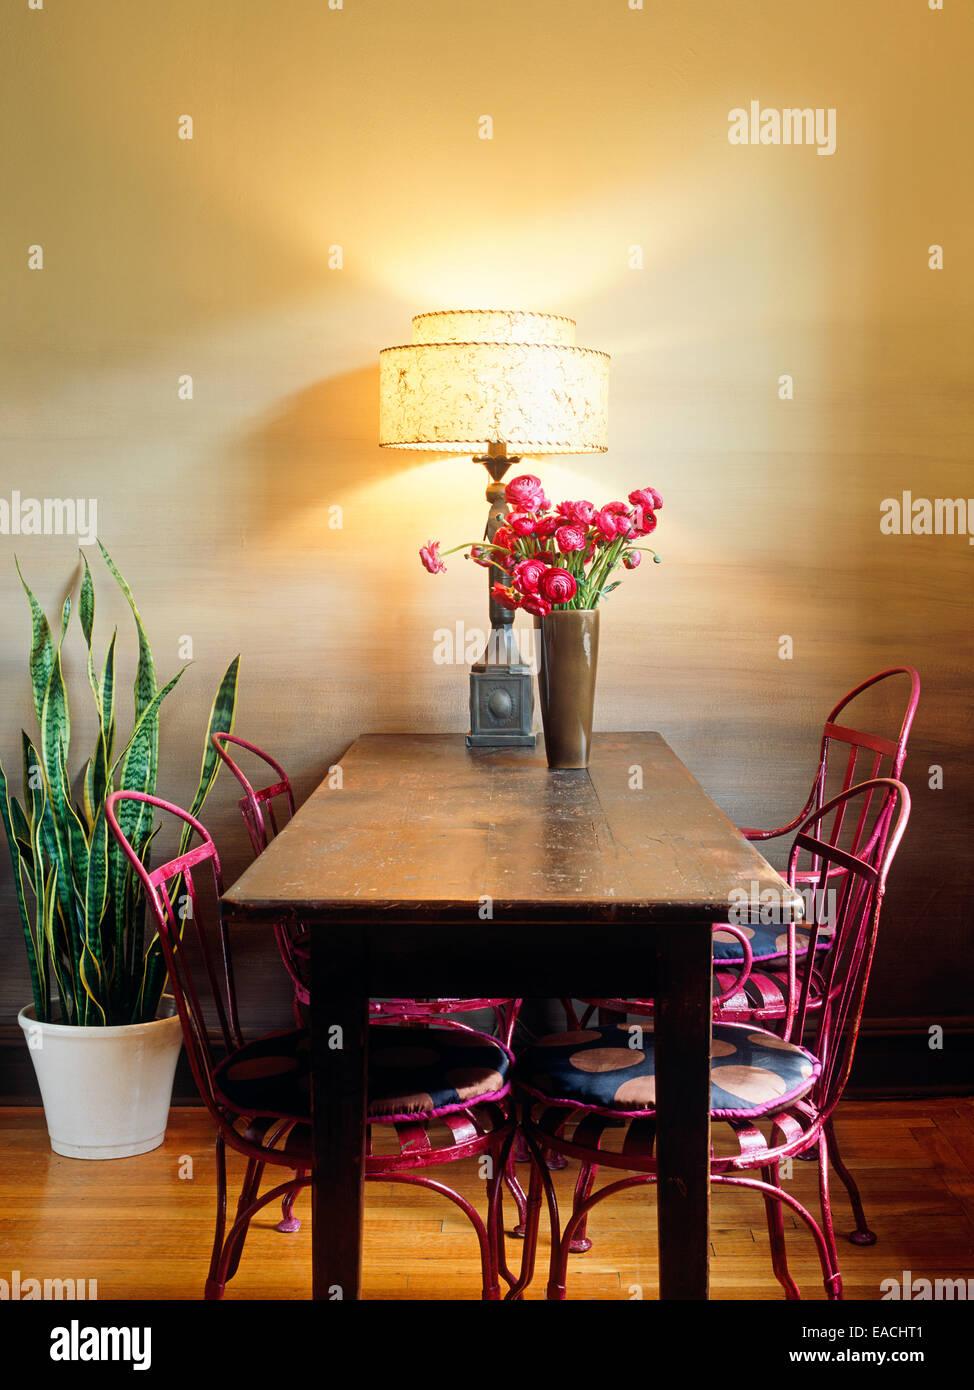 Salle à manger avec table et chaises Photo Stock